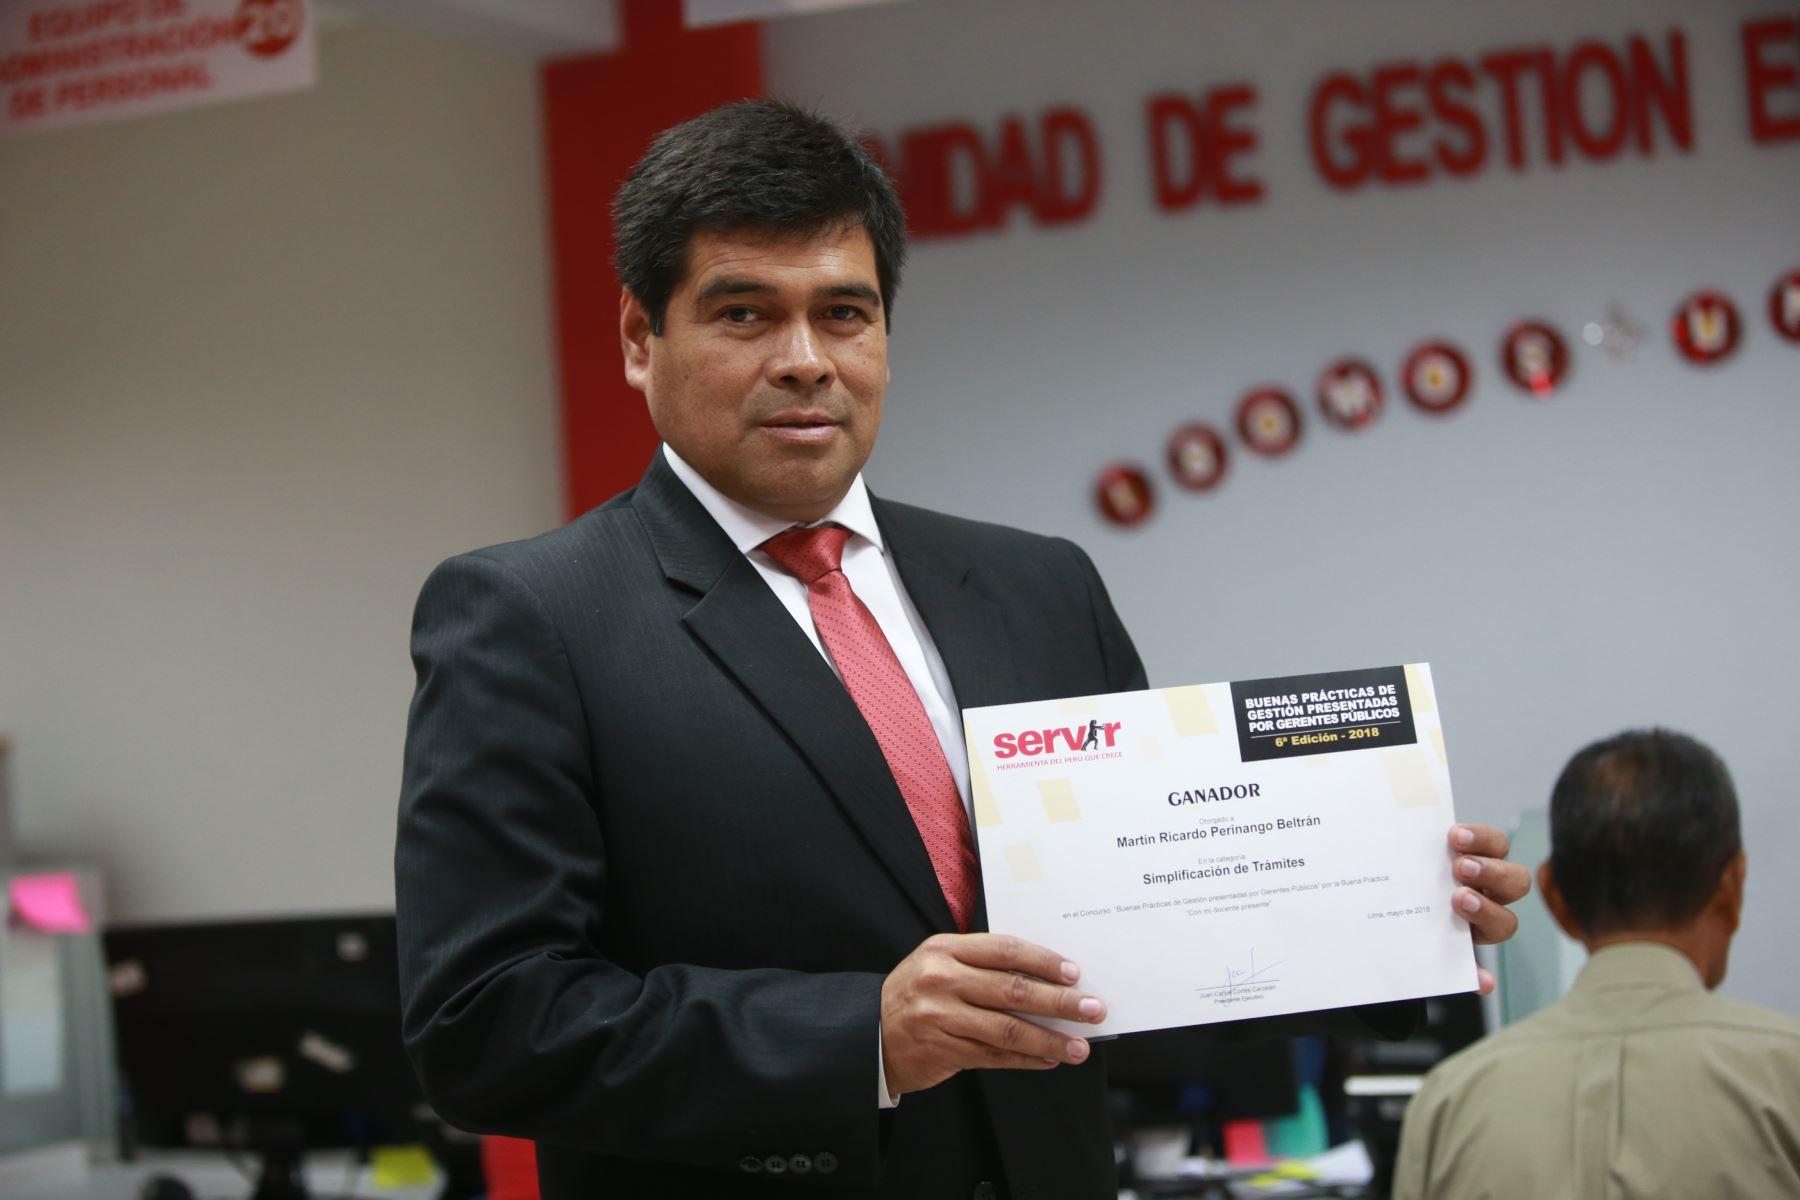 Martín Perinango Beltrán es gerente público de la UGEL 04 está convencido de que a los universitarios hay que enseñarles que los mejores deben trabajar en el Estado. ANDINA/Jhony Laurente